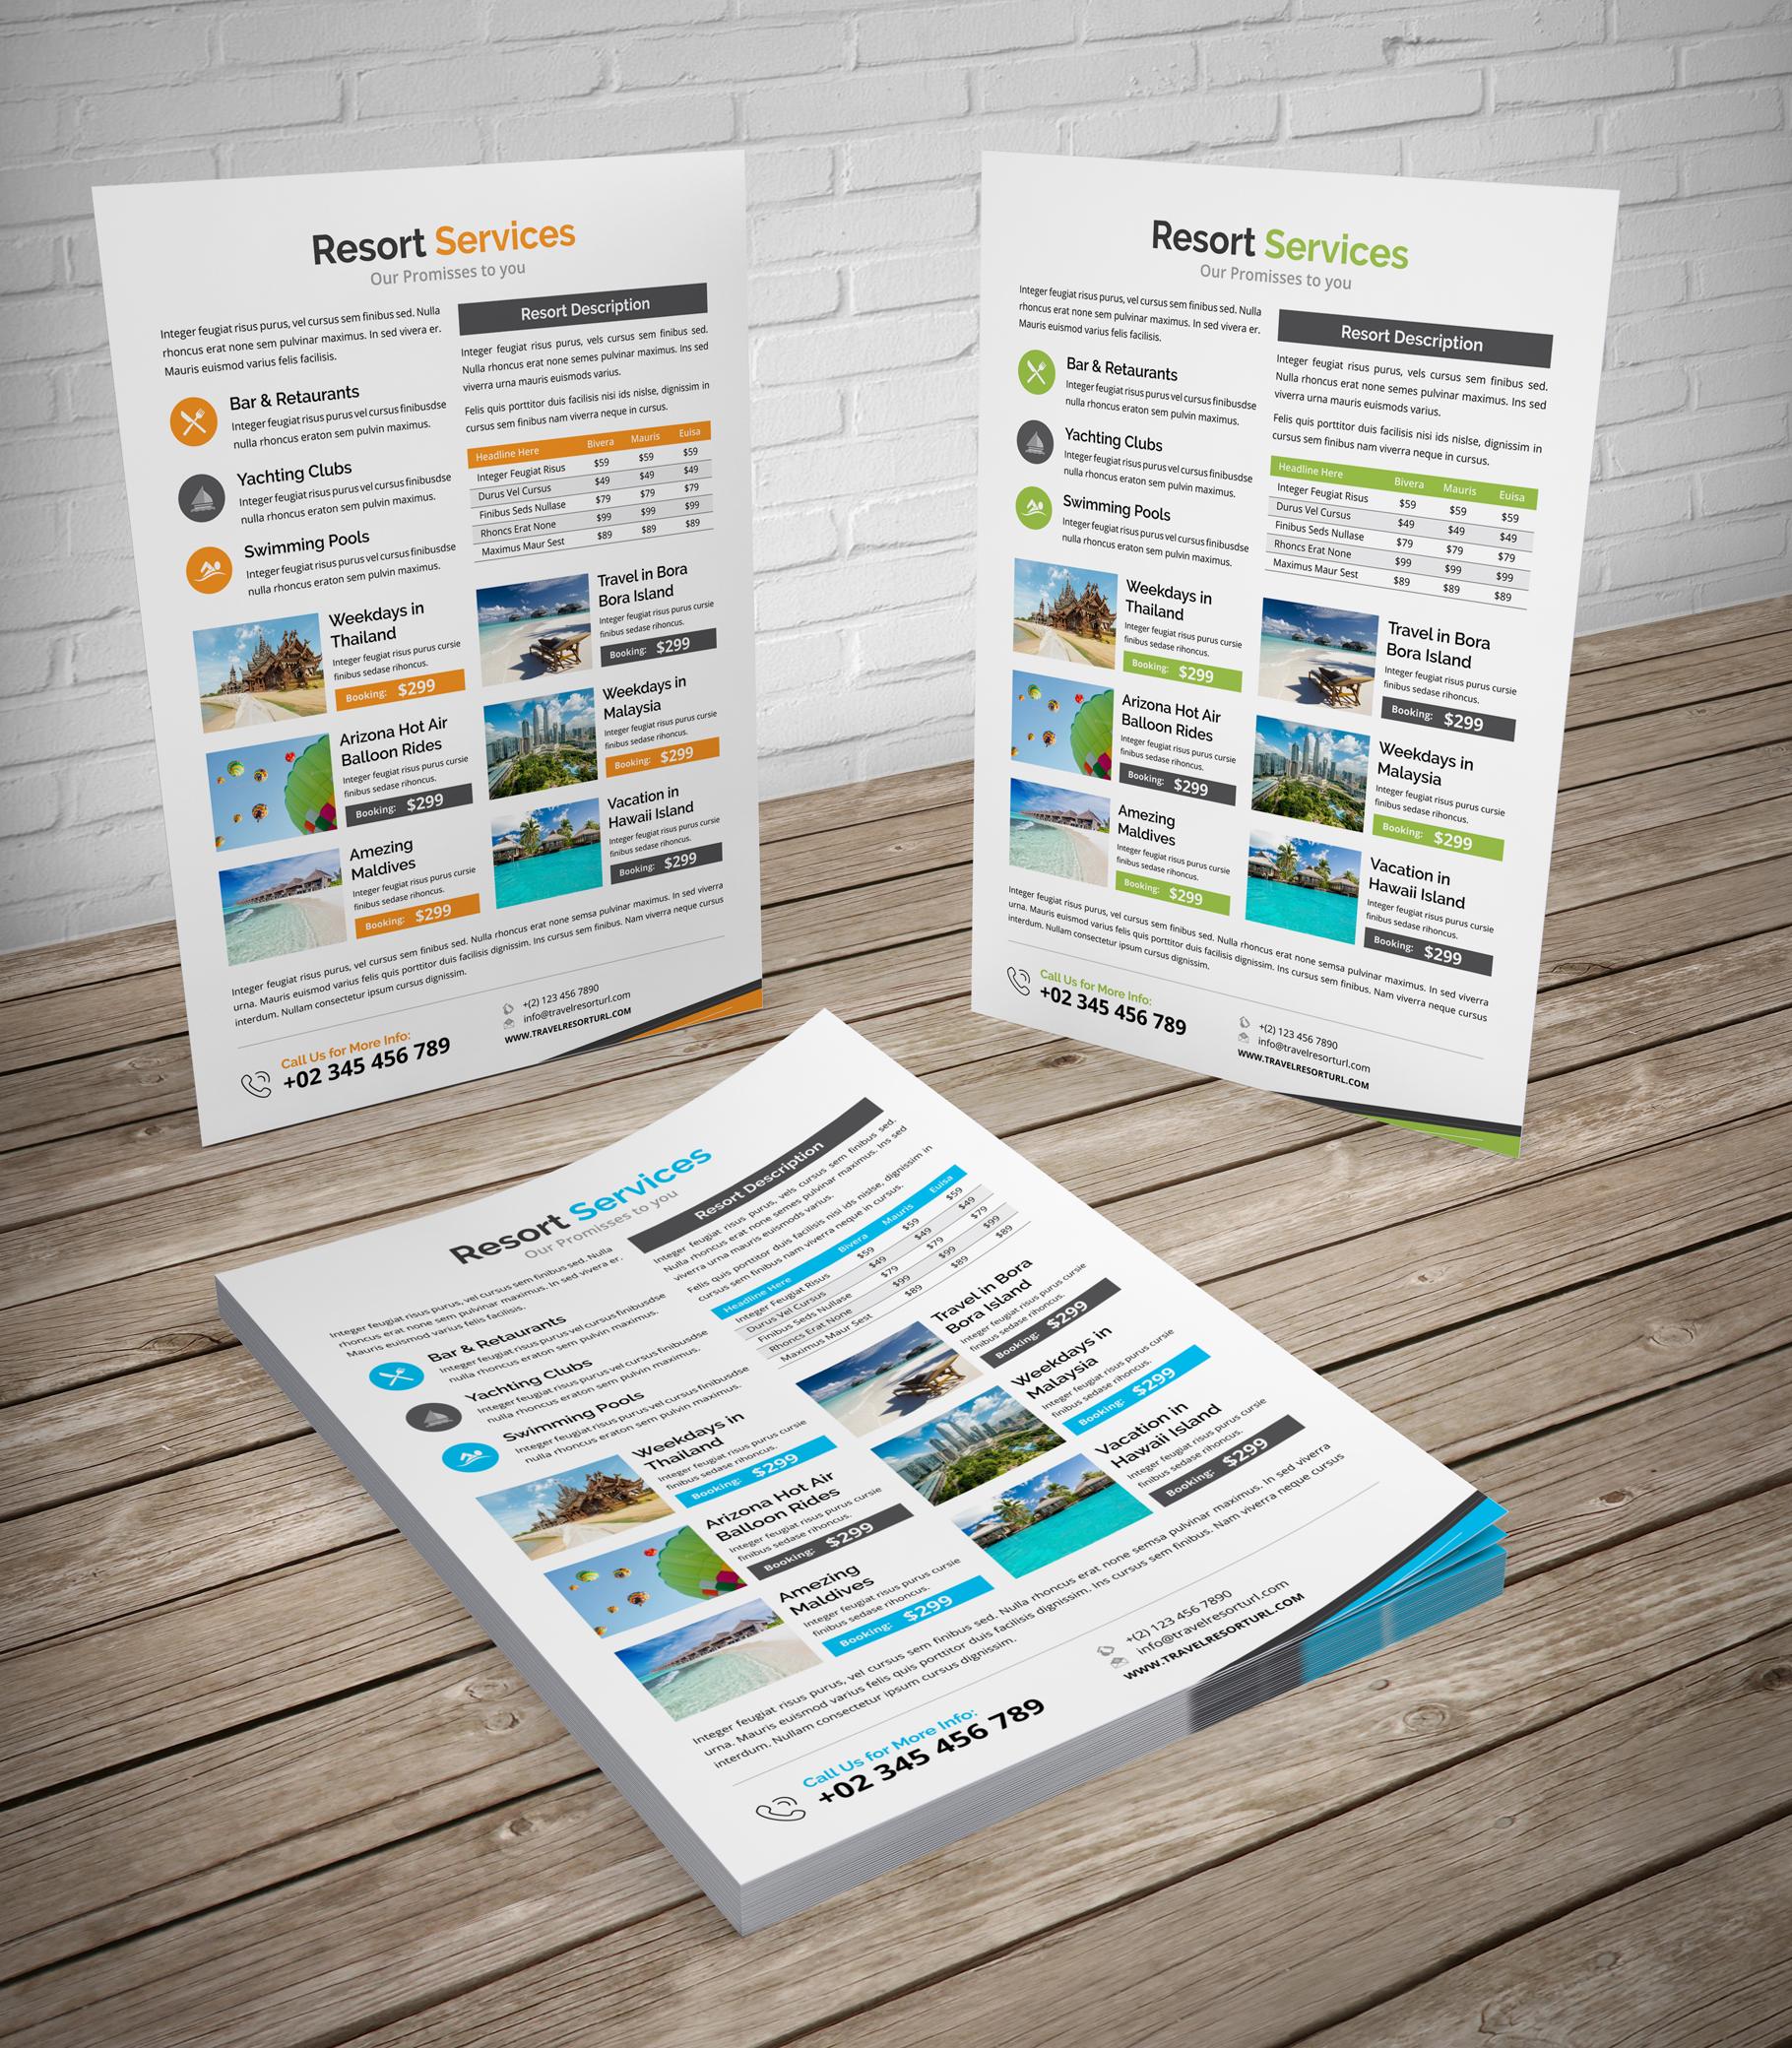 Travel Resort Flyer Design v2 example image 3